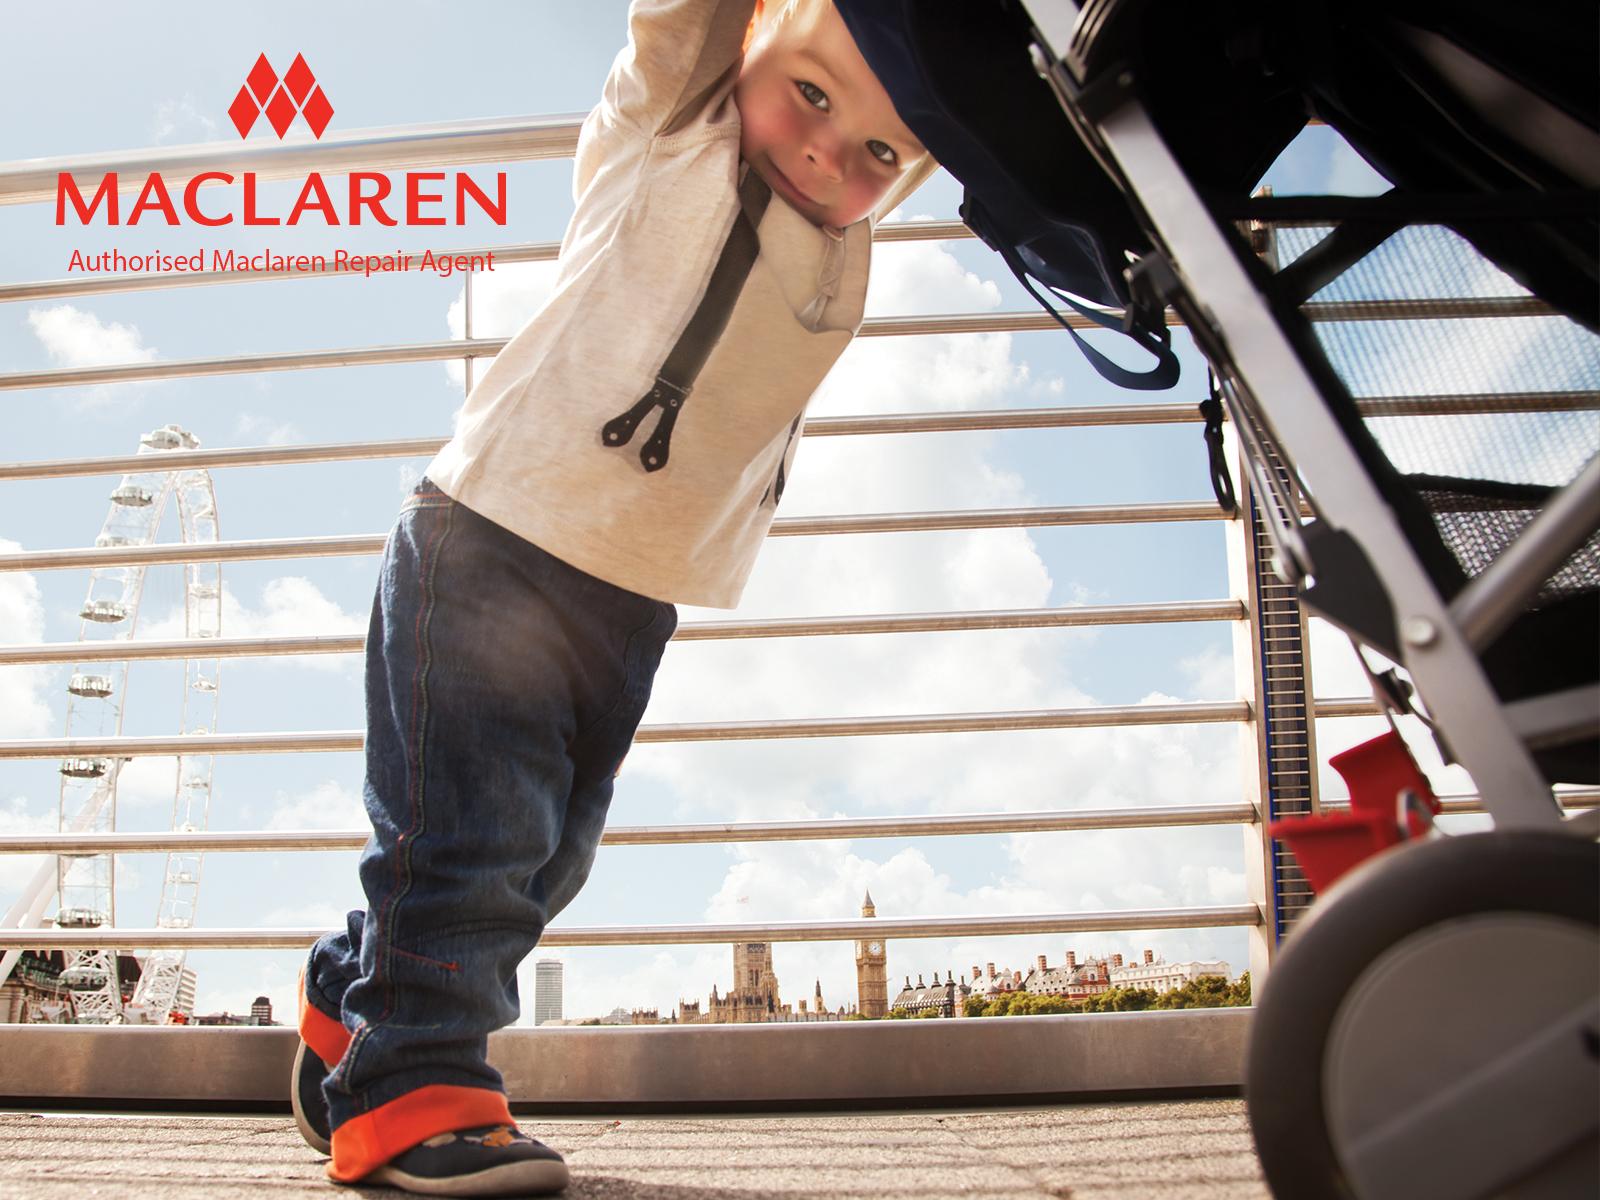 maclaren-certified-repairer